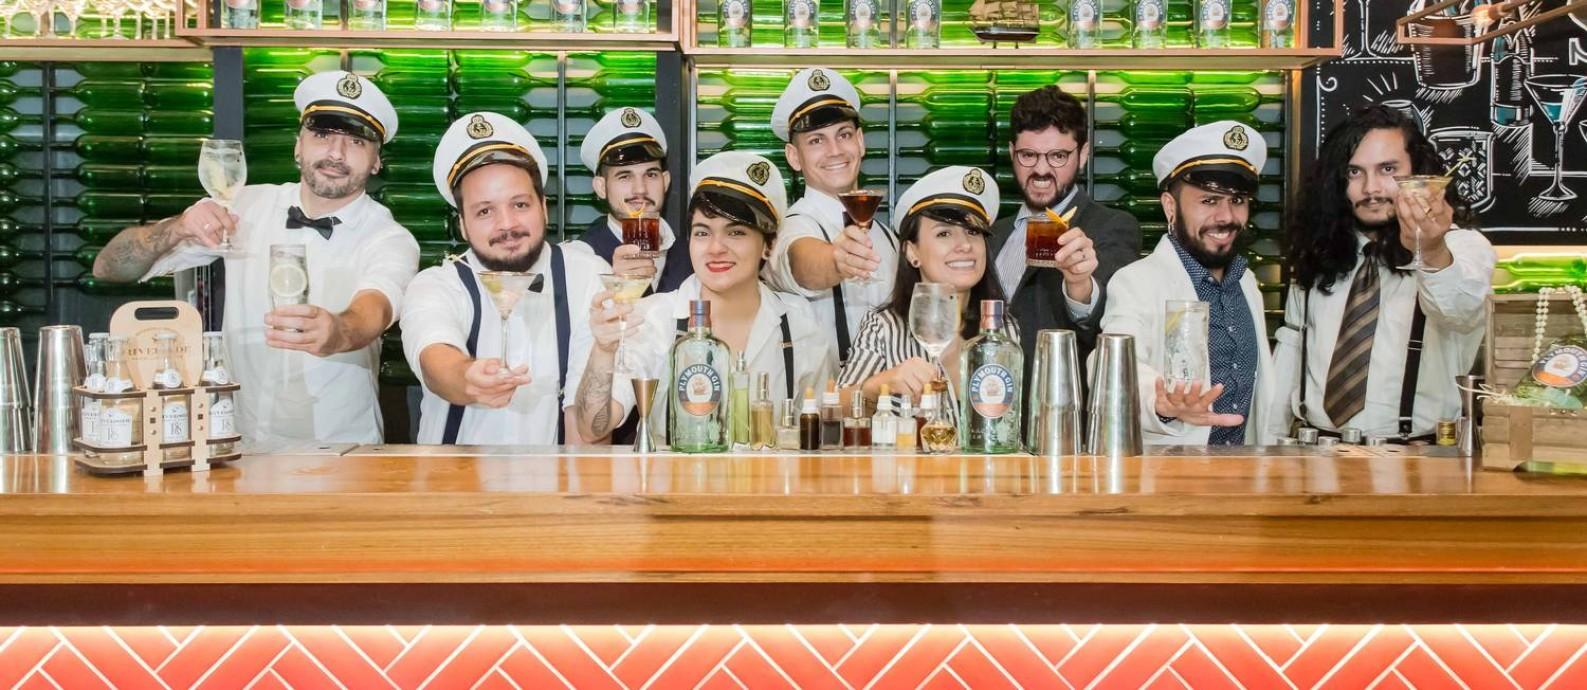 Plymouth Classics Day: grupo de bartenders cria drinques exclusivos às quartas Foto: Divulgação/Camila Uchoa